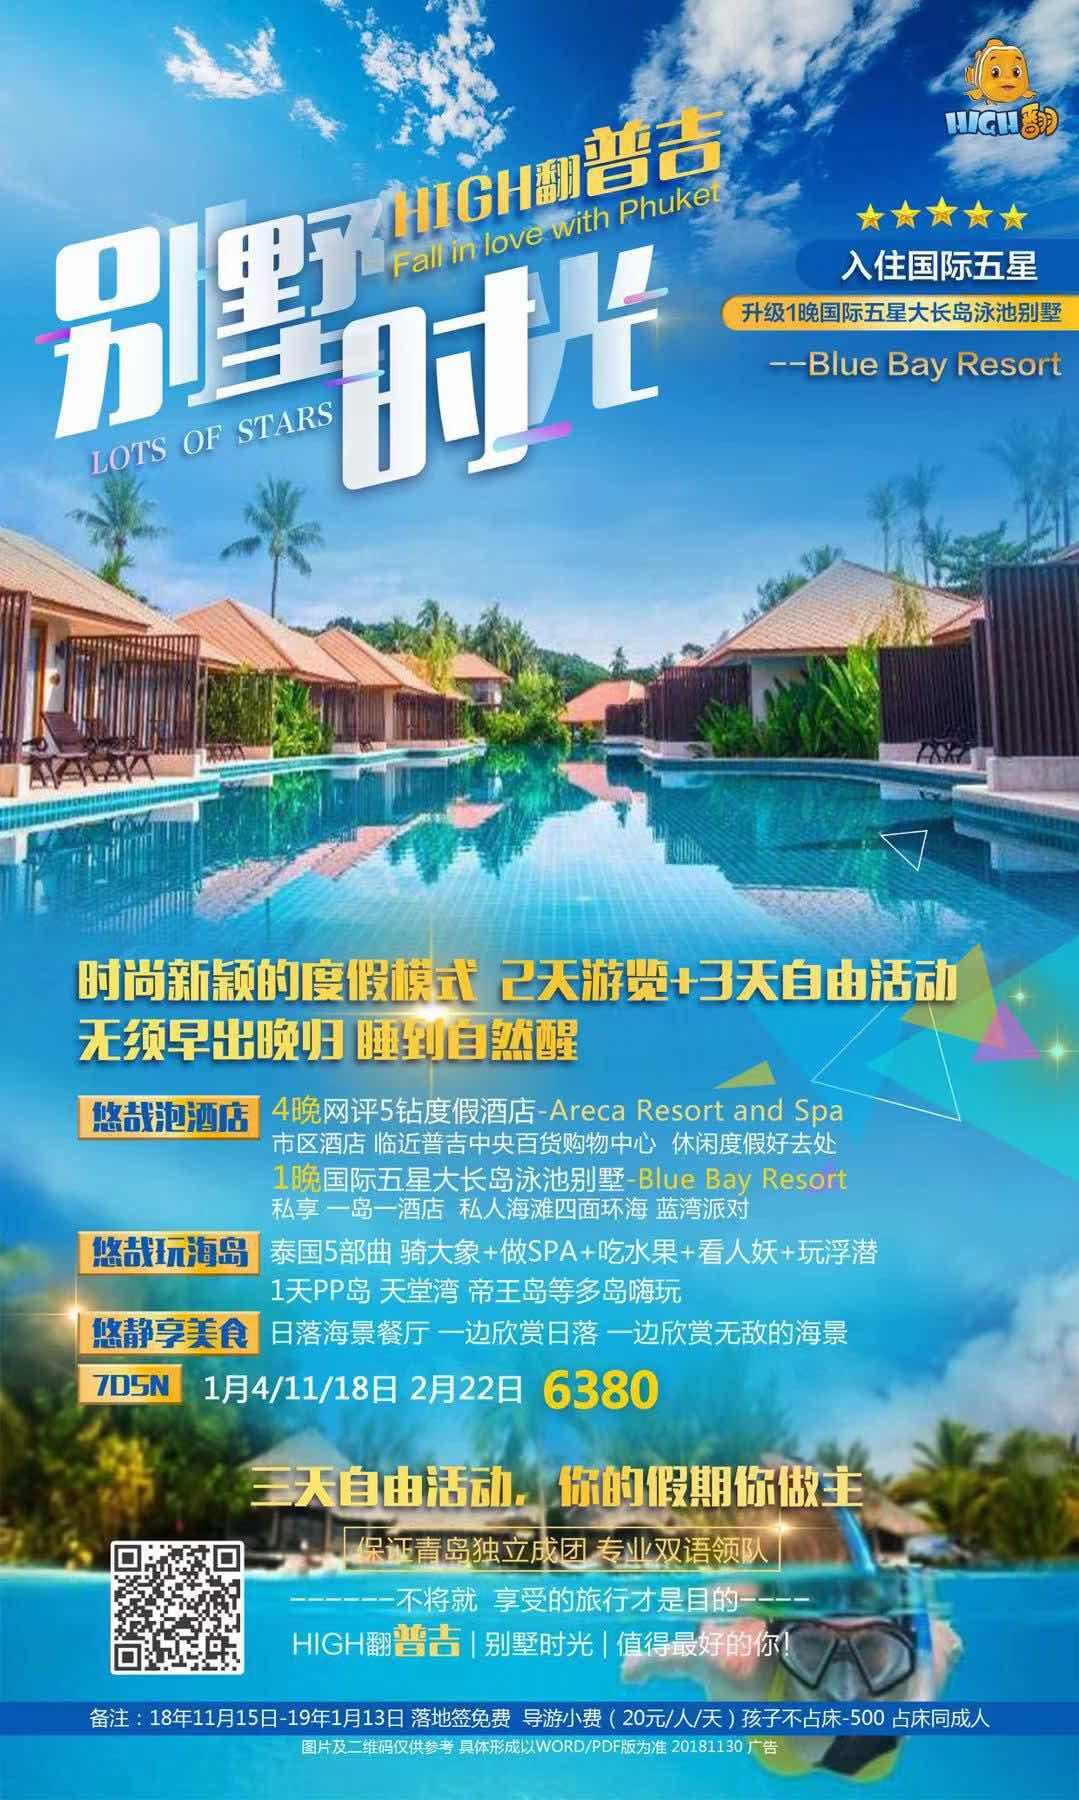 别墅时光 全程入住国际五星酒店  两天游览三天自由活动